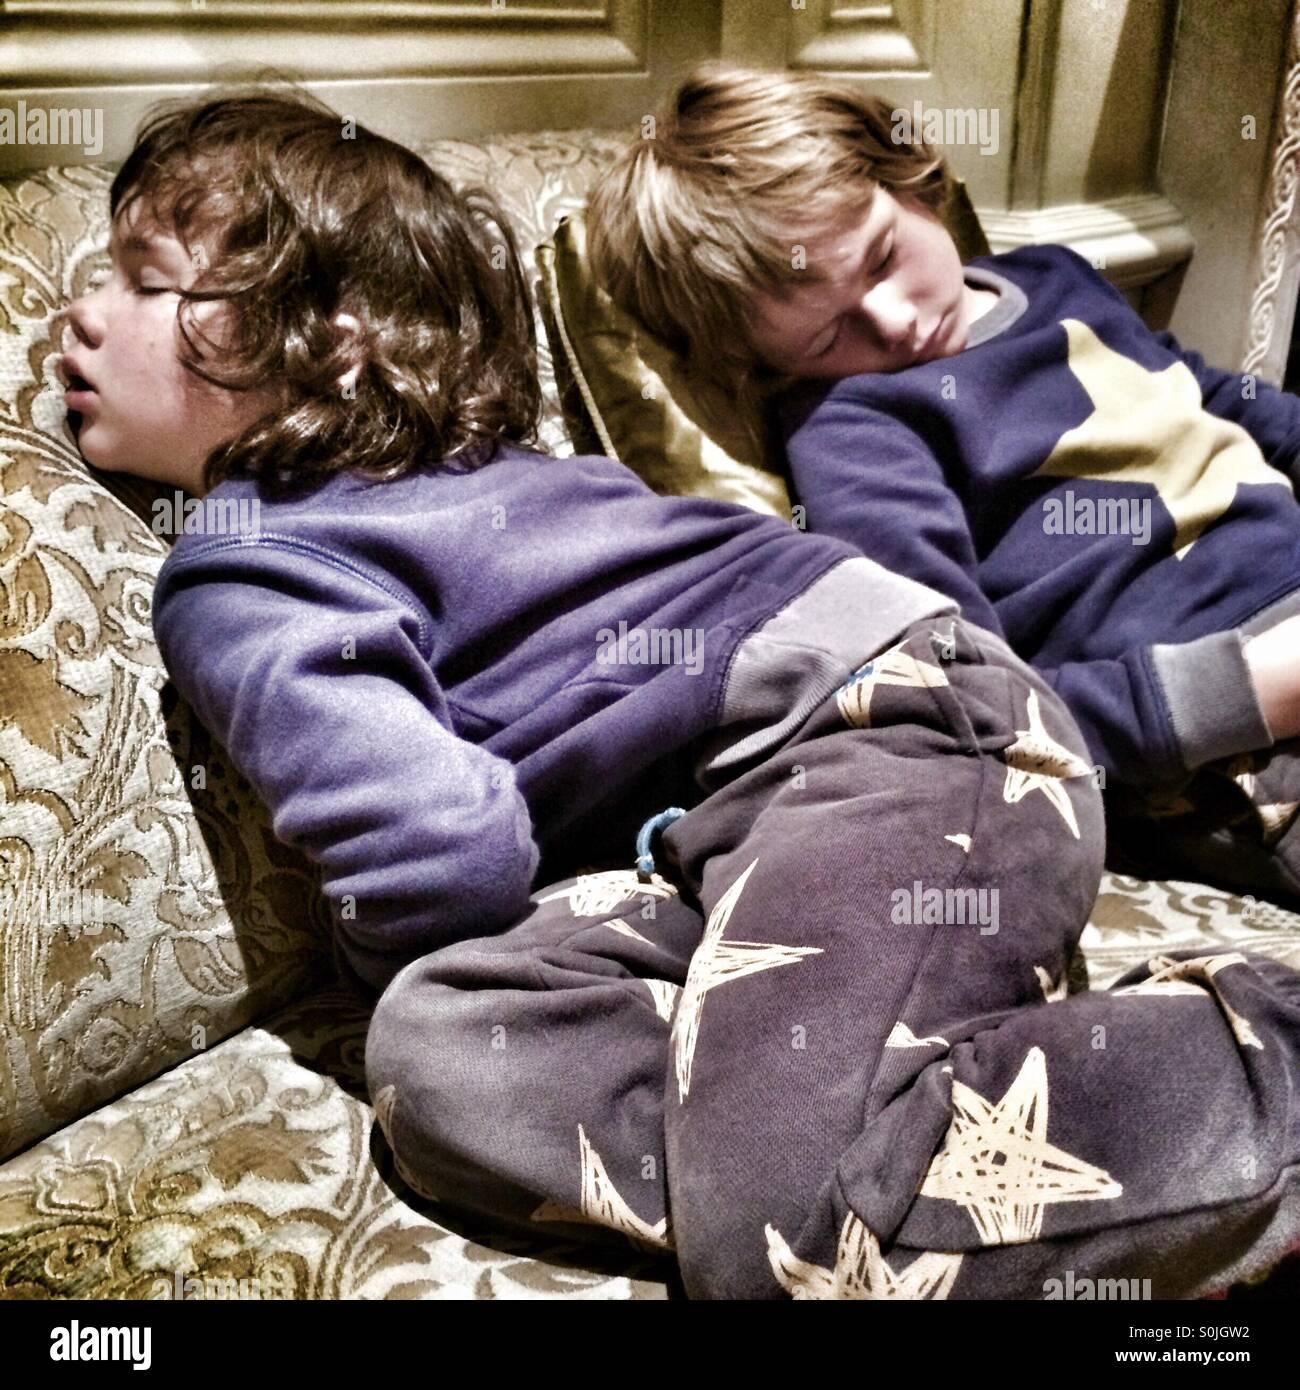 Dormir dos niños de 4 y 5 años Imagen De Stock